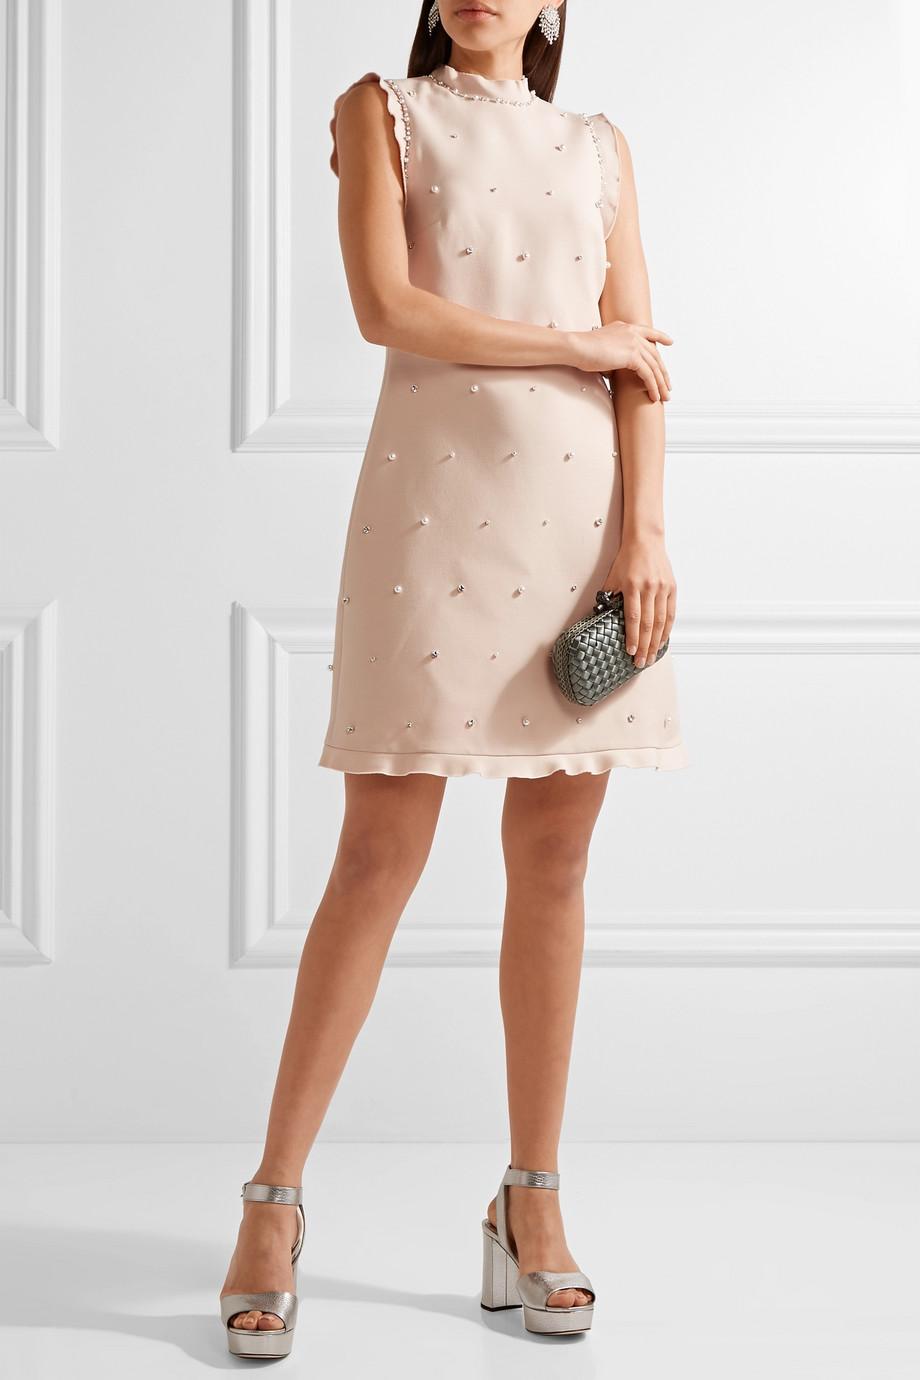 Miu Miu Verziertes Minikleid aus einer Woll-Seidenmischung mit Volants